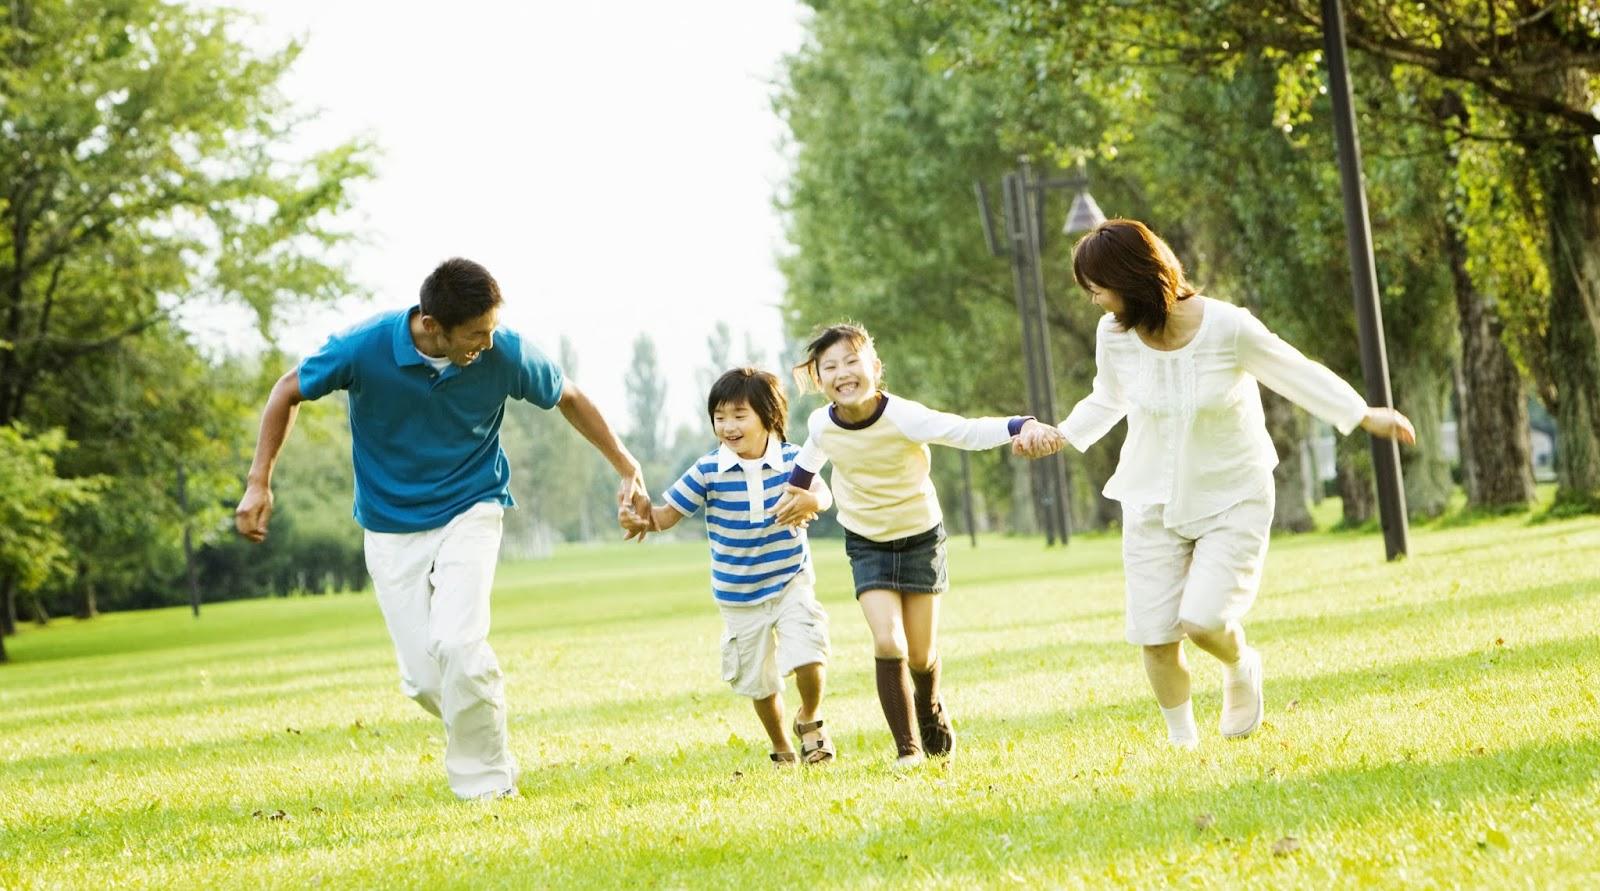 Hạnh phúc gia đình đơn giản chỉ là những điều dù là rất nhỏ xung quanh chúng ta.